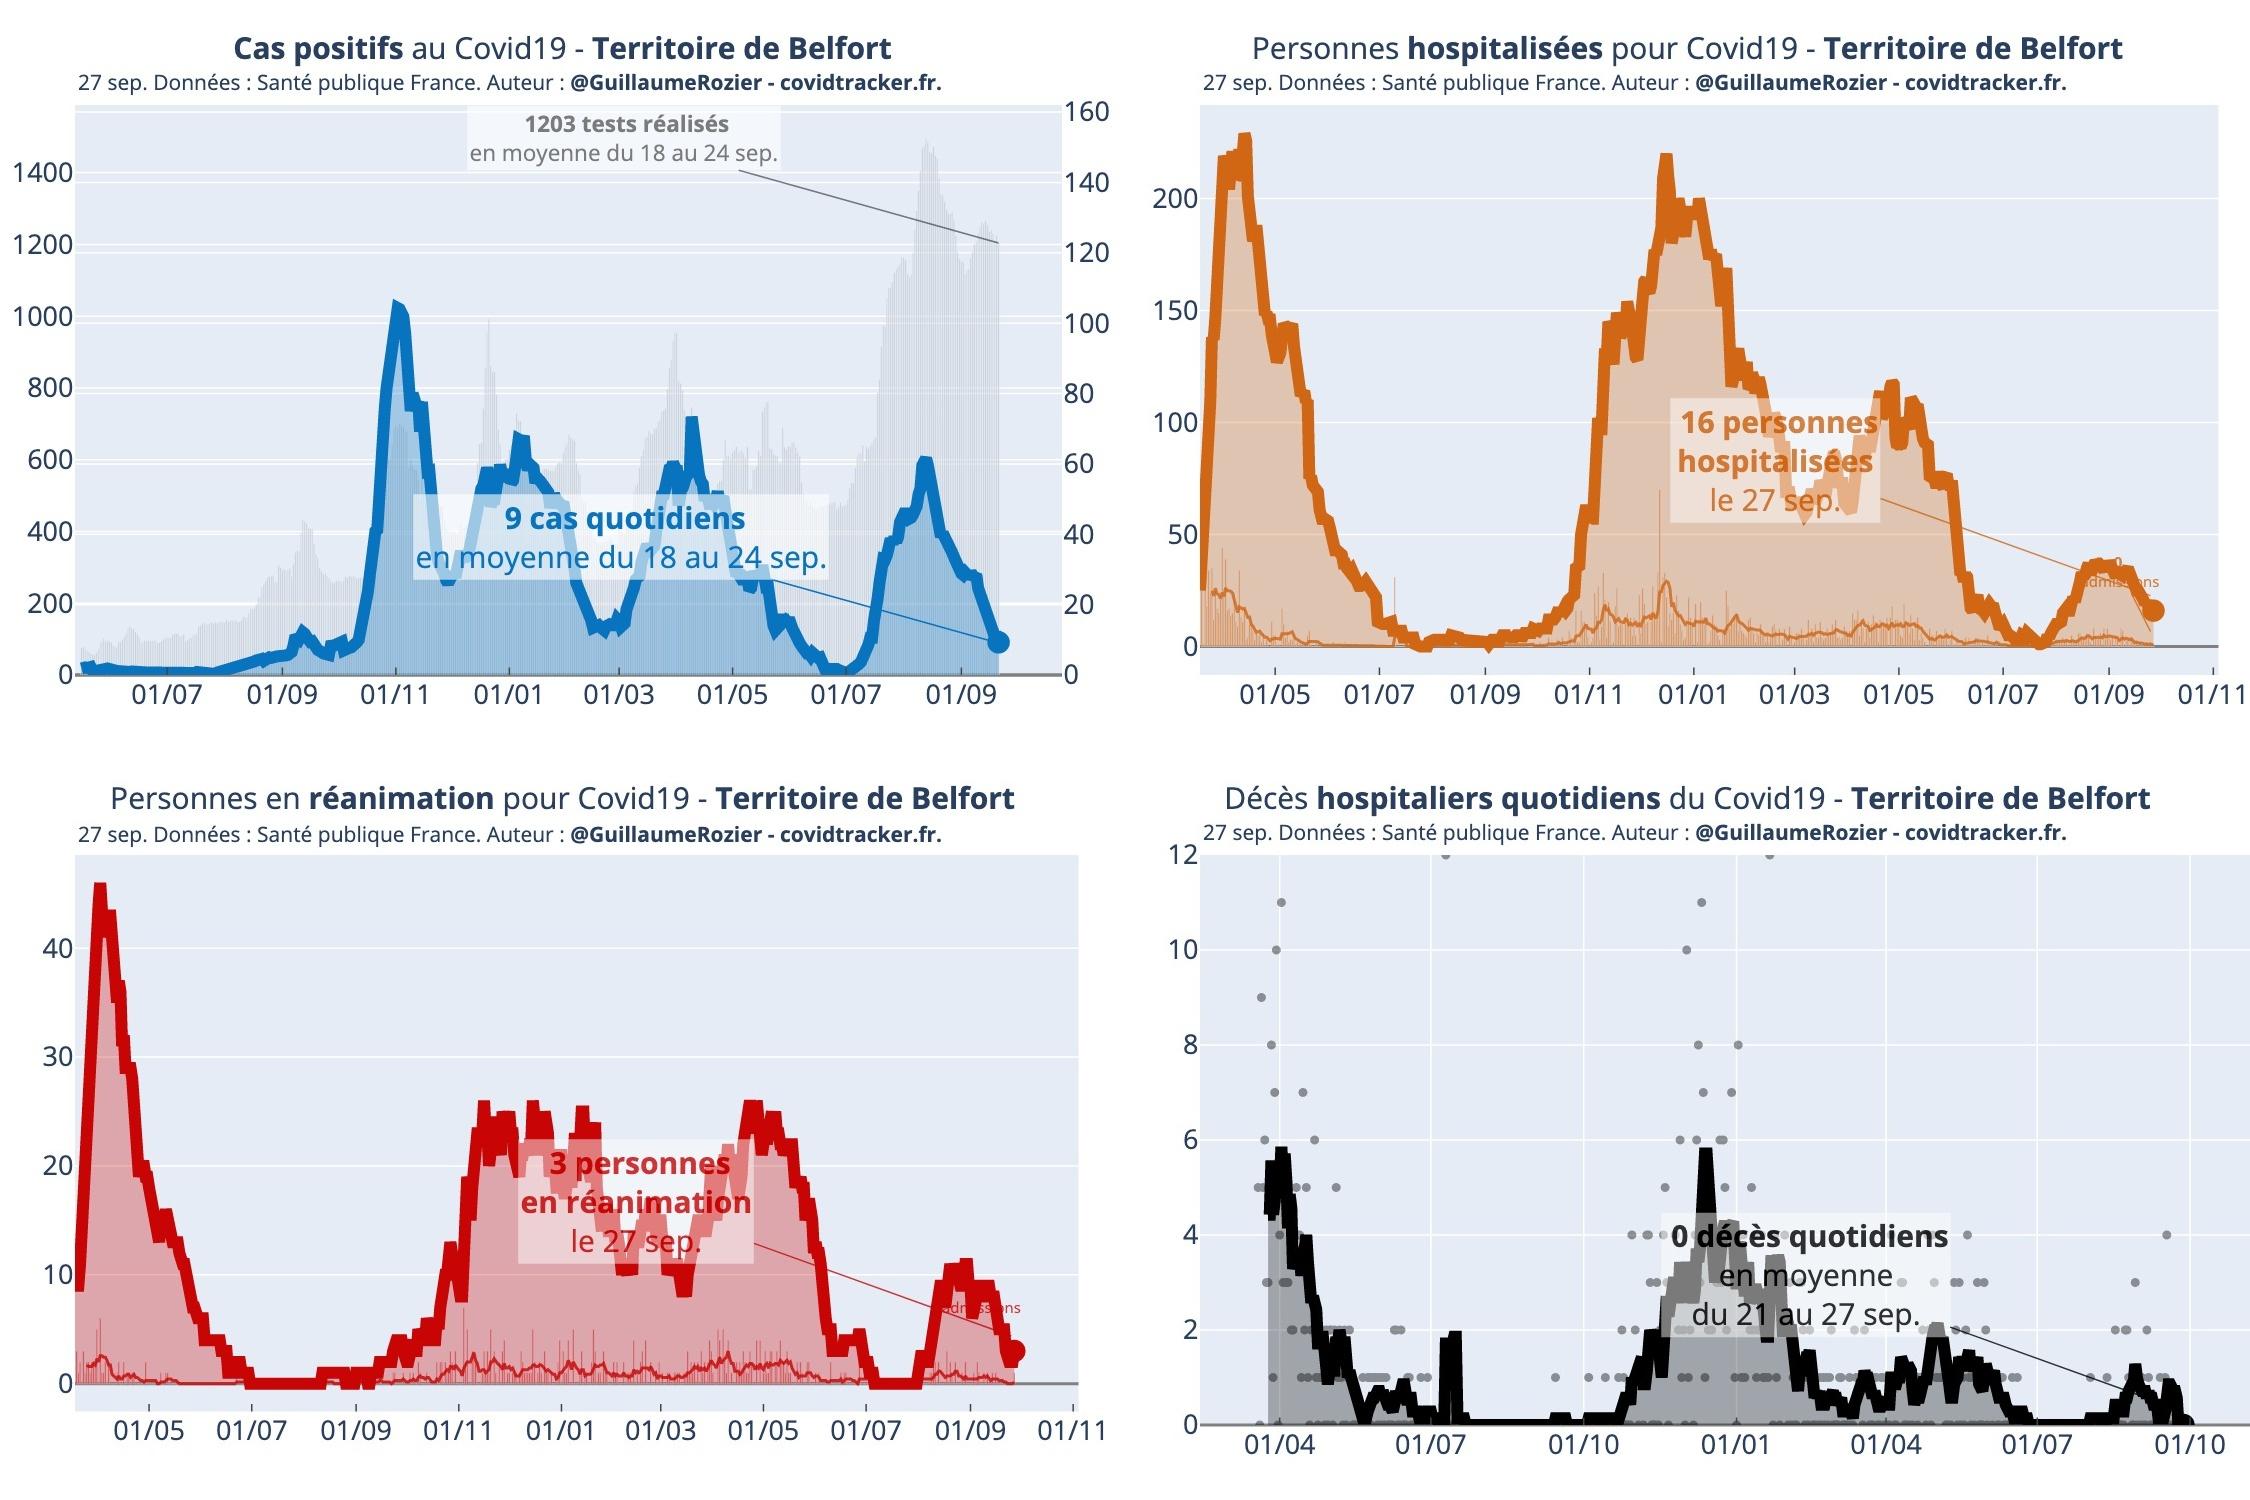 Coronavirus Covid-19 Territoire de belfort chiffres statistiques